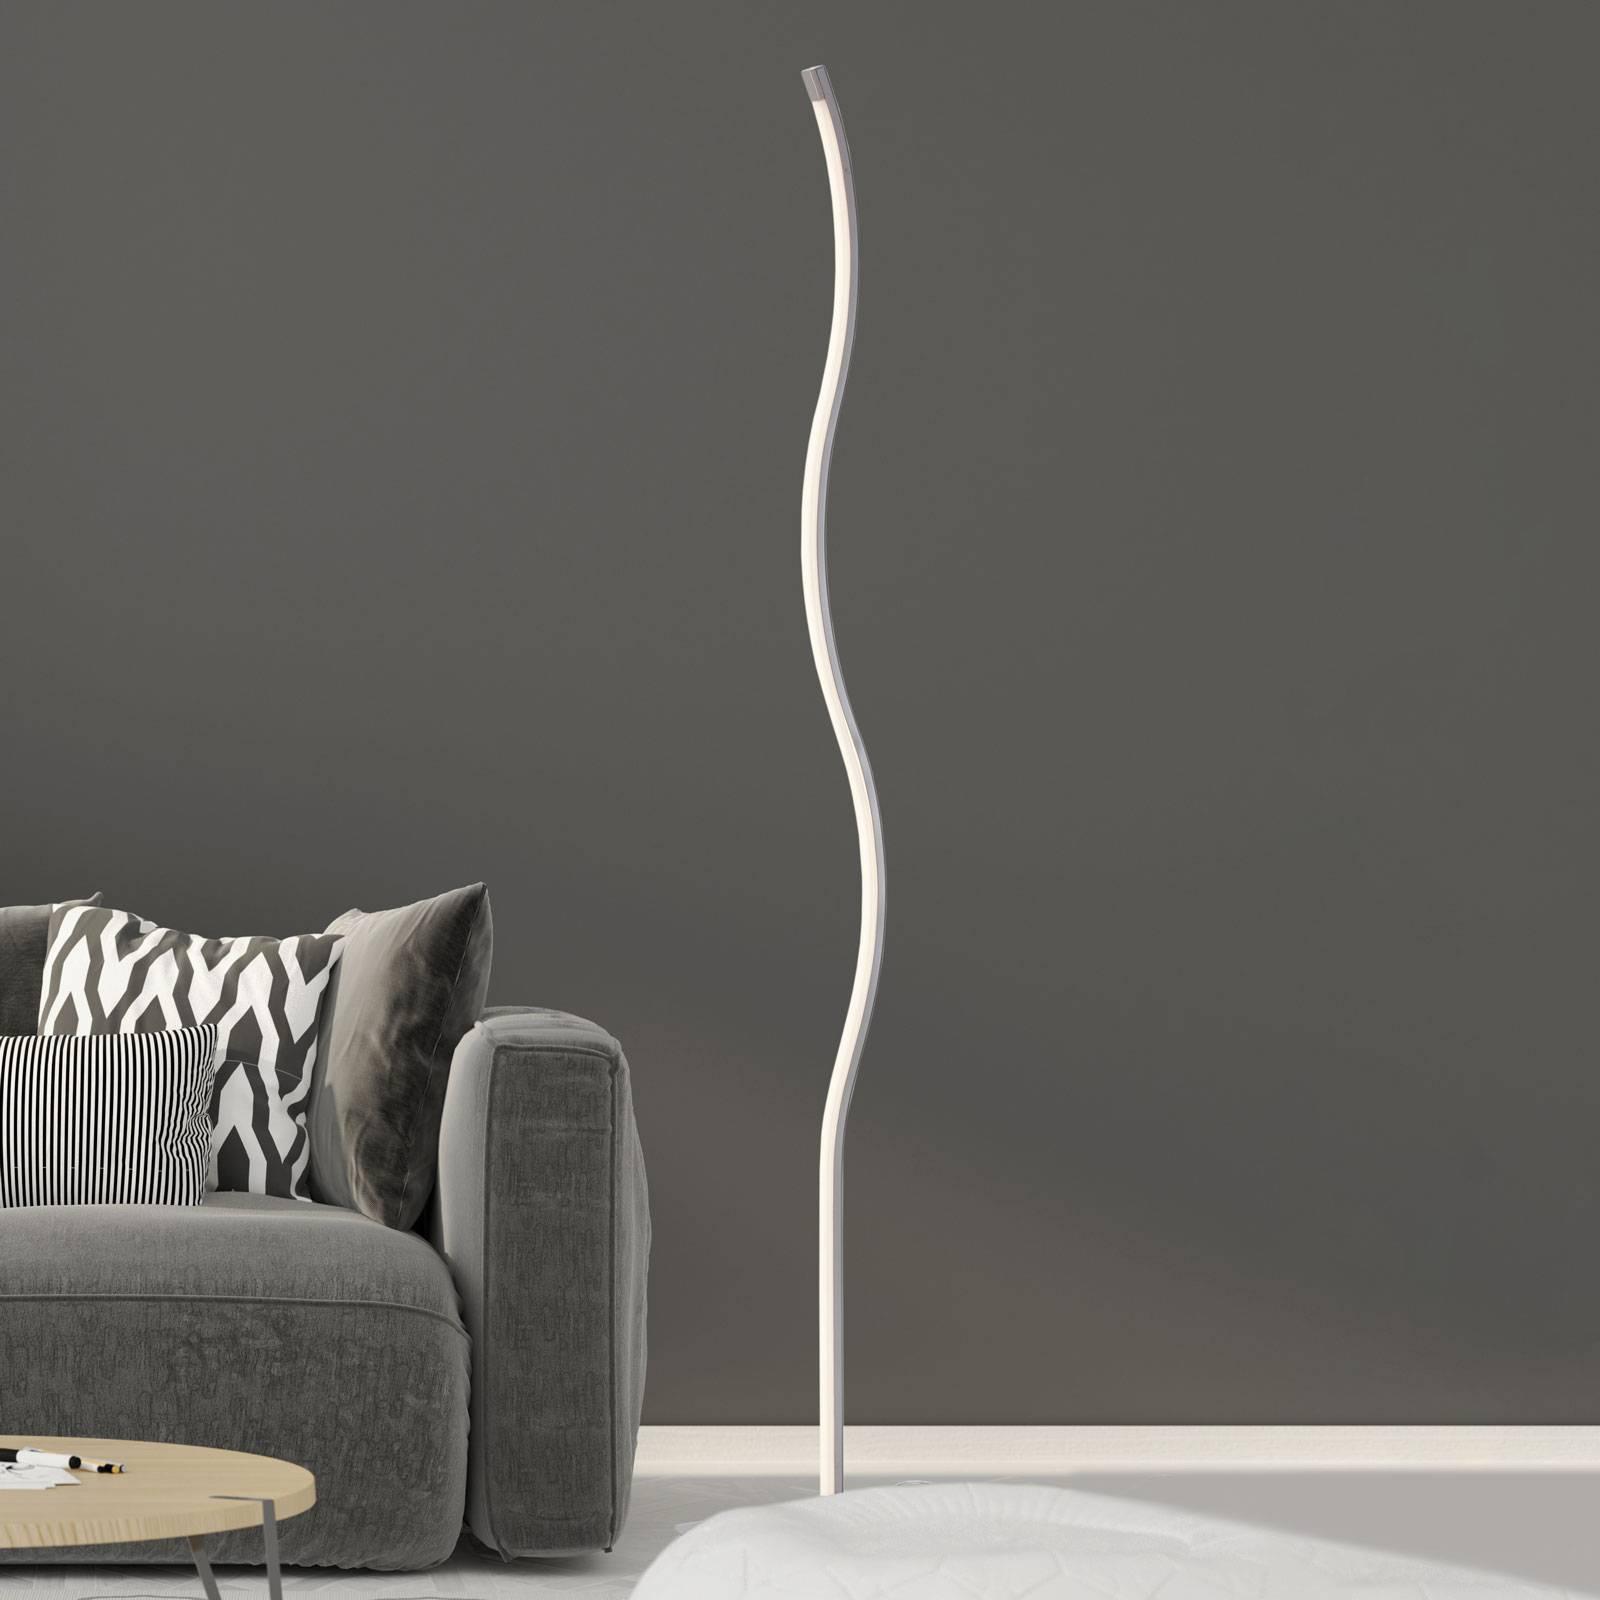 LED vloerlamp 1367-012 binnen golfvorm met dimmer